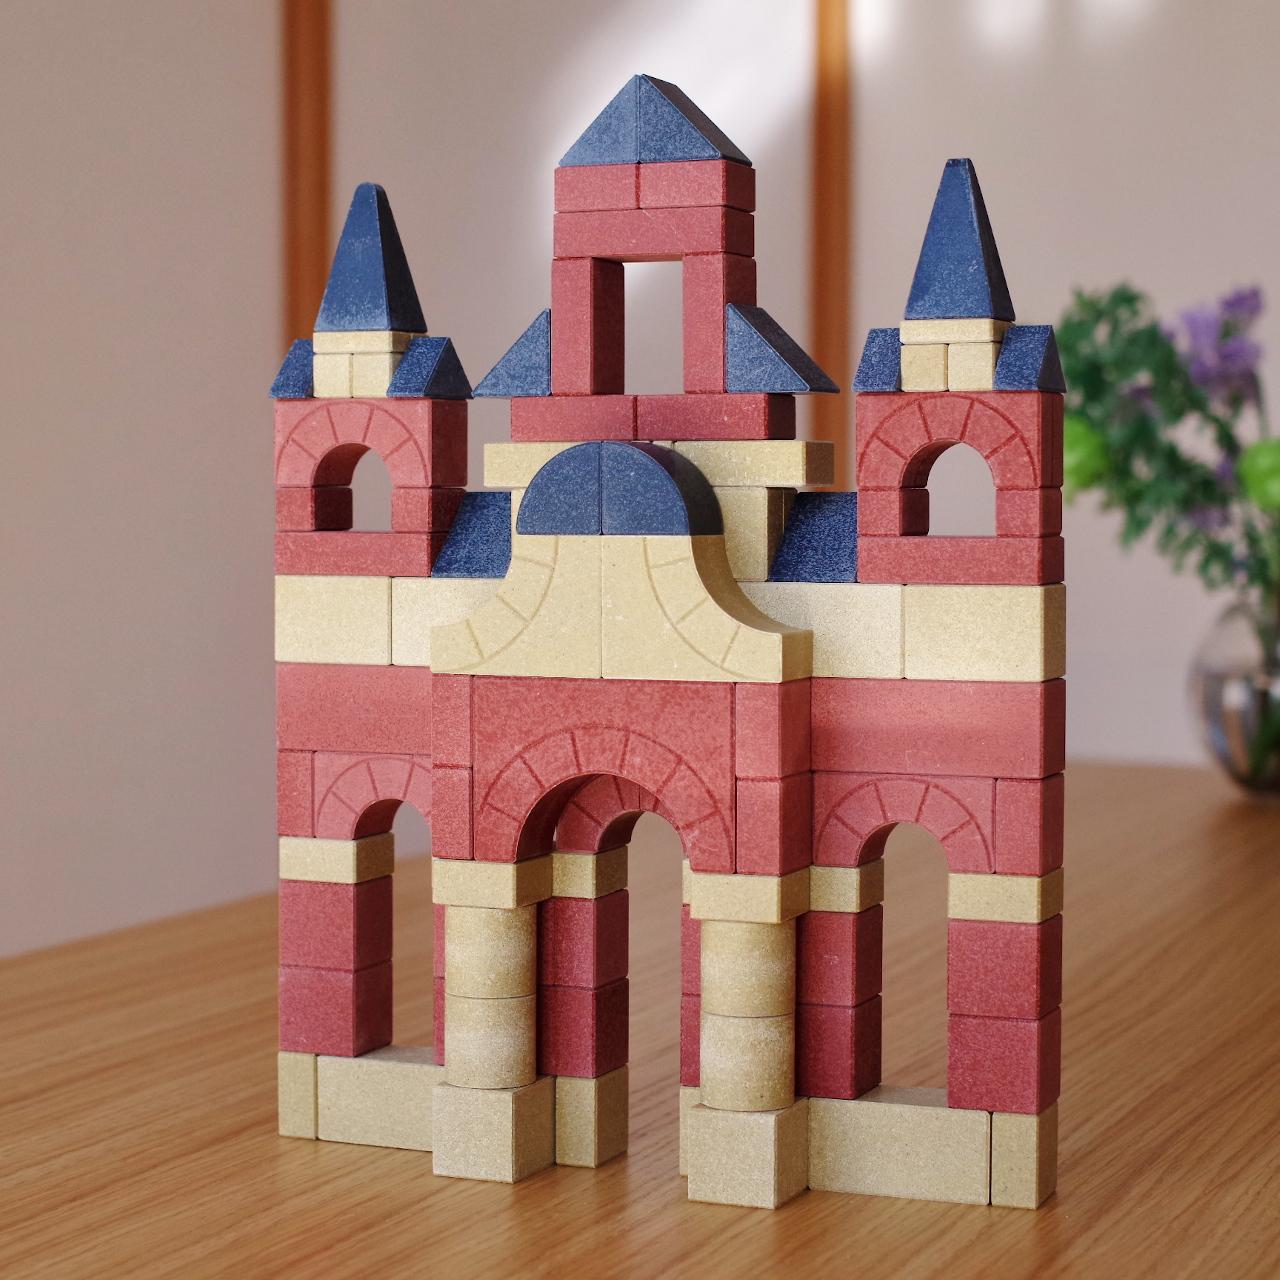 アインシュタインも幼少期に遊んだ!本物の建物のような質感が楽しめる「アンカー積木」